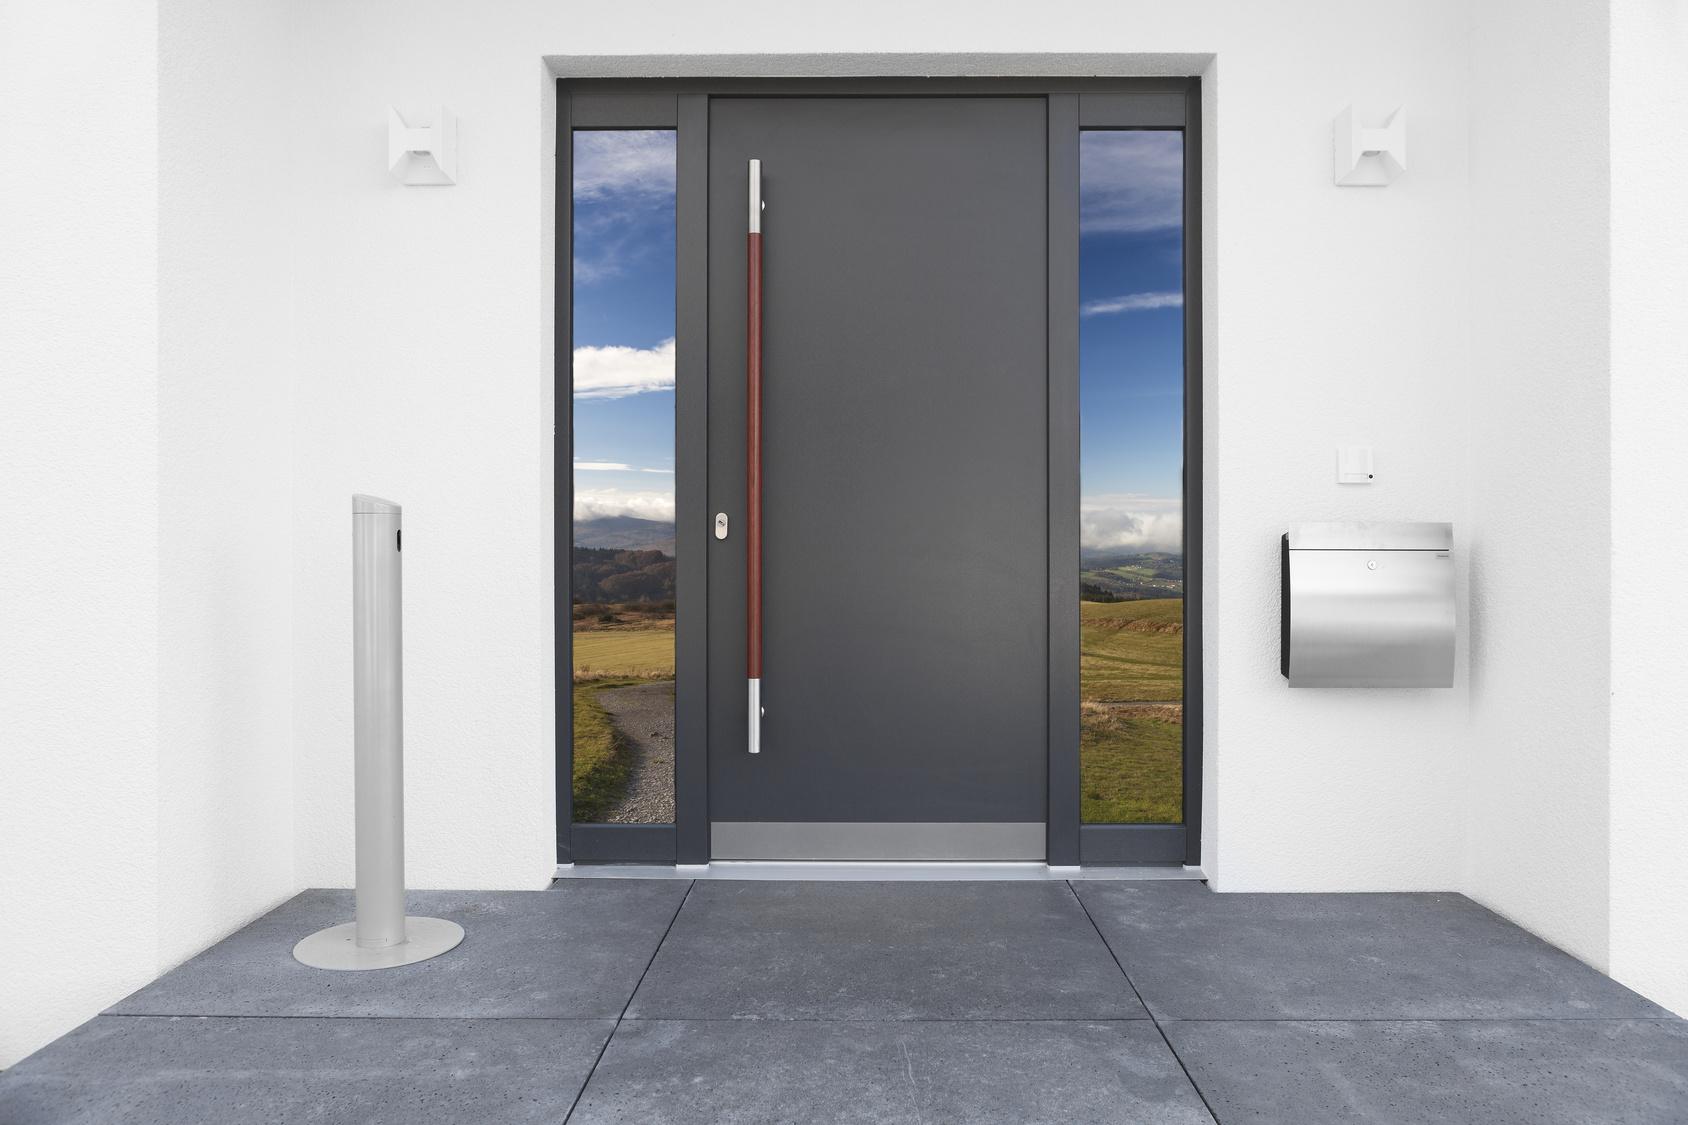 Wärmeschutz und Sicherheit ist das A und O bei einer neuen Haustür